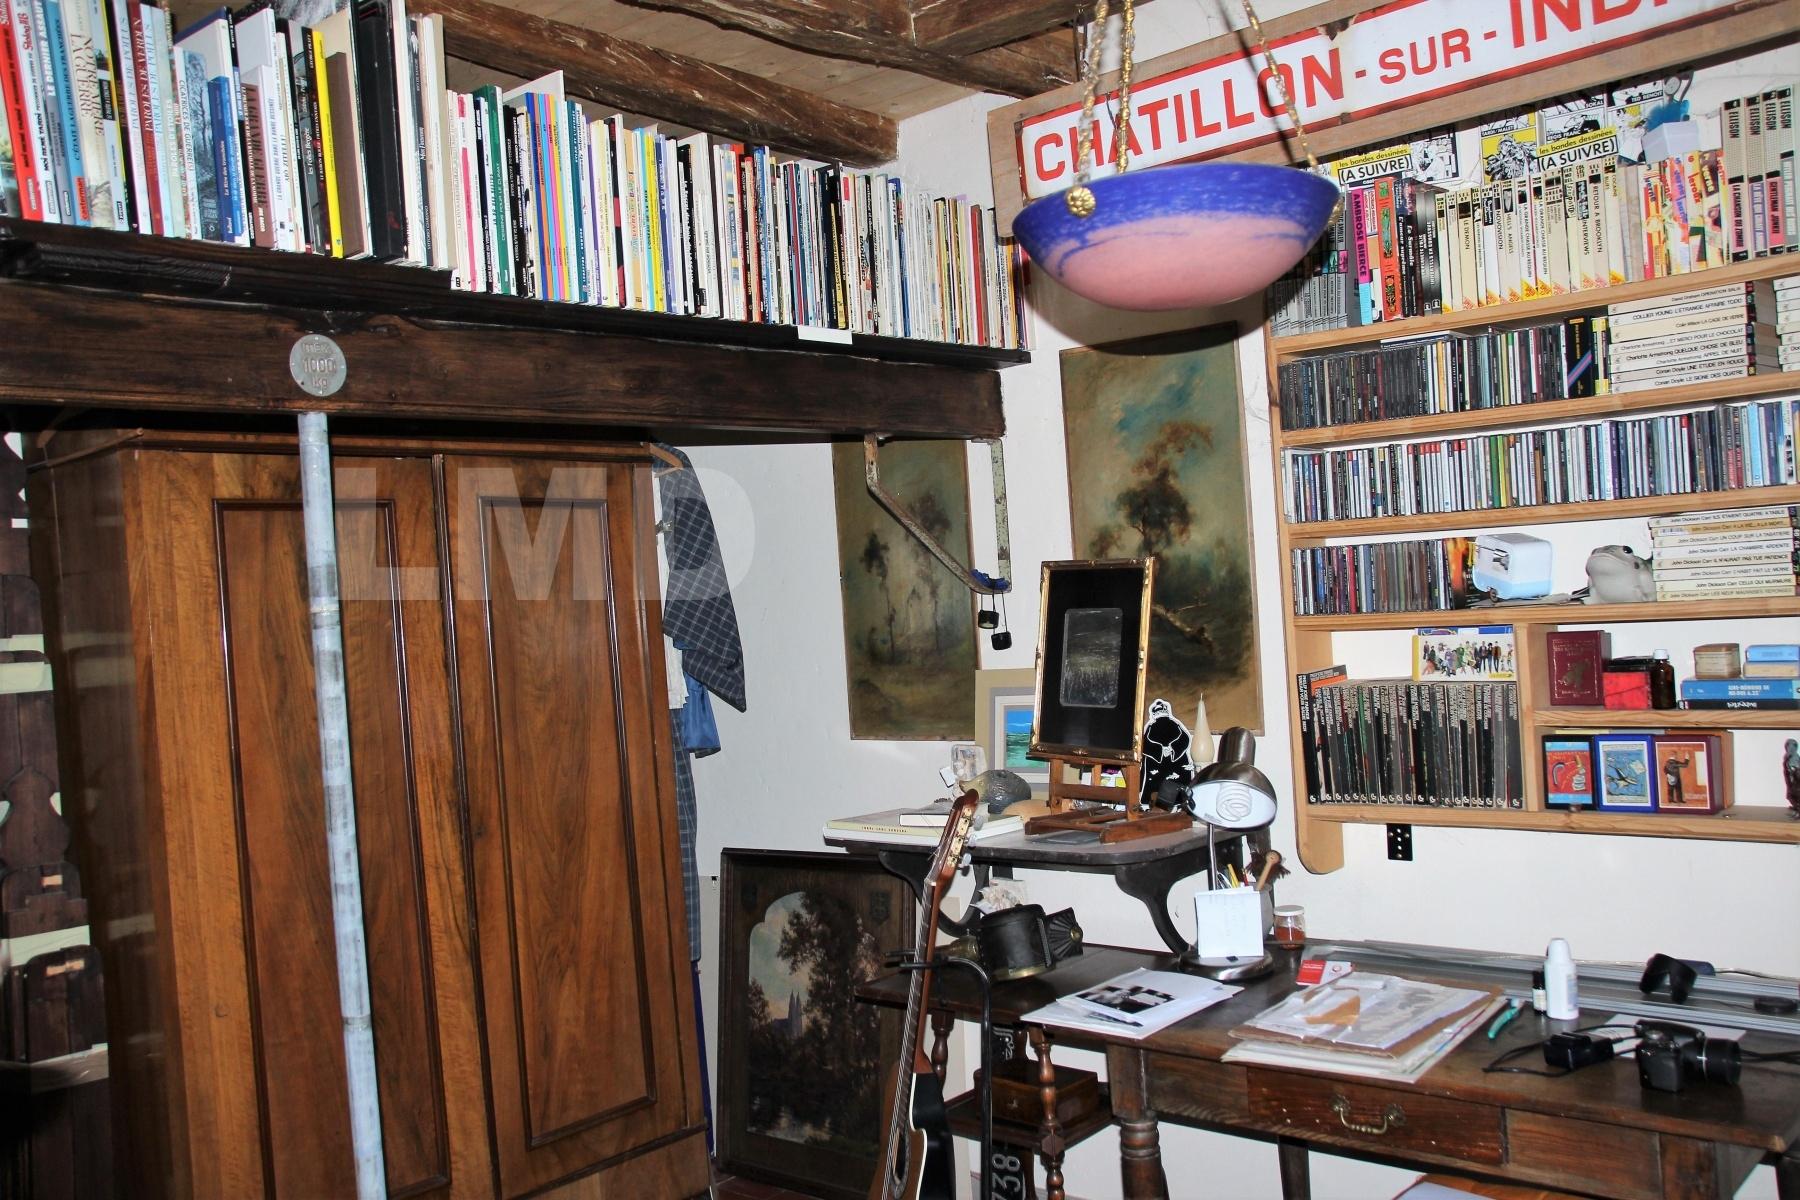 Chatillon-Sur-Indre, Maison, 145 500 Euros Sur Immobilier.lefigaro.fr tout Piscine Chatillon Sur Indre